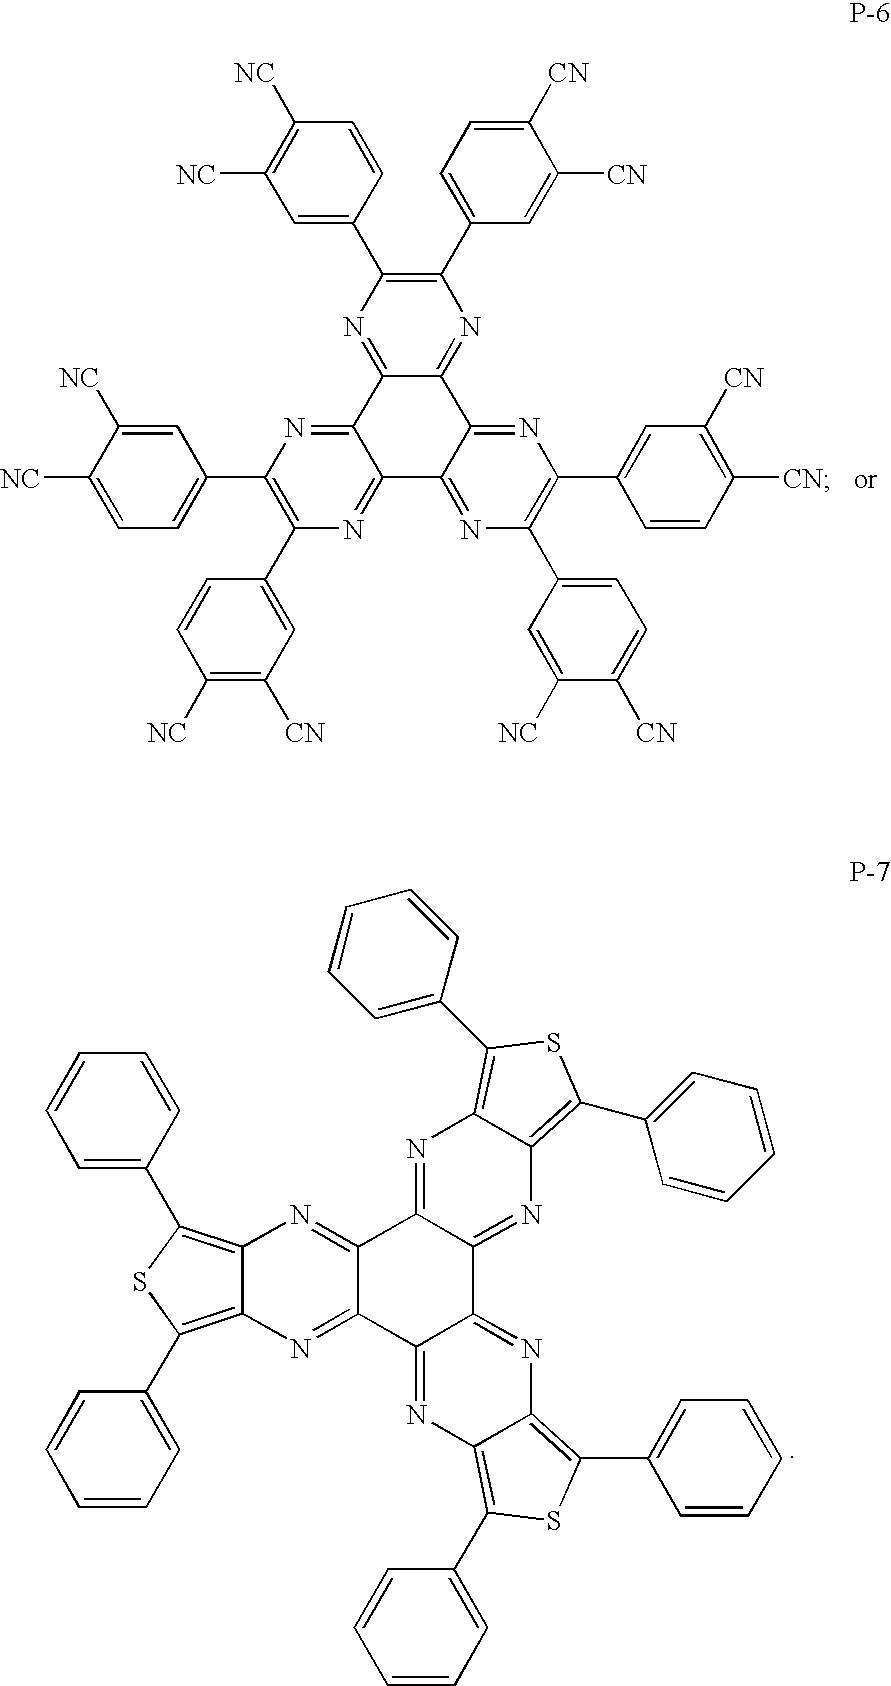 Figure US20090115316A1-20090507-C00003